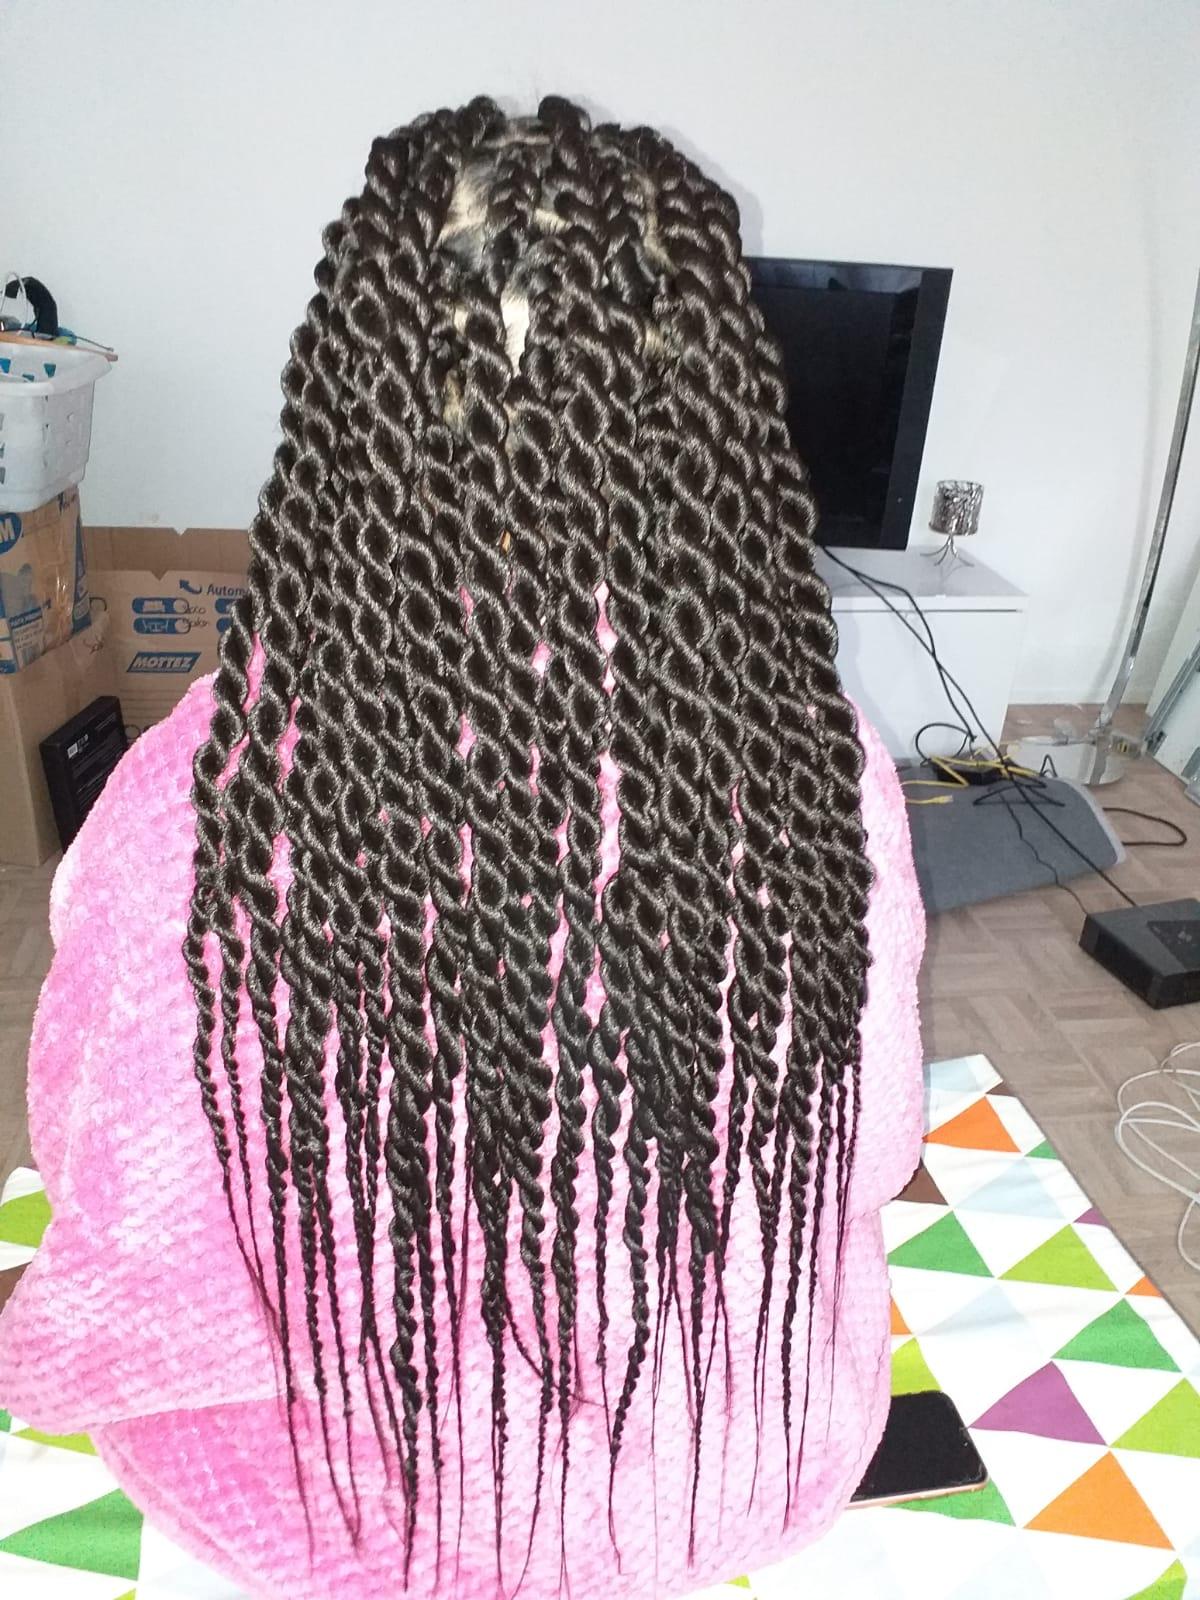 salon de coiffure afro tresse tresses box braids crochet braids vanilles tissages paris 75 77 78 91 92 93 94 95 QVQNKSXL